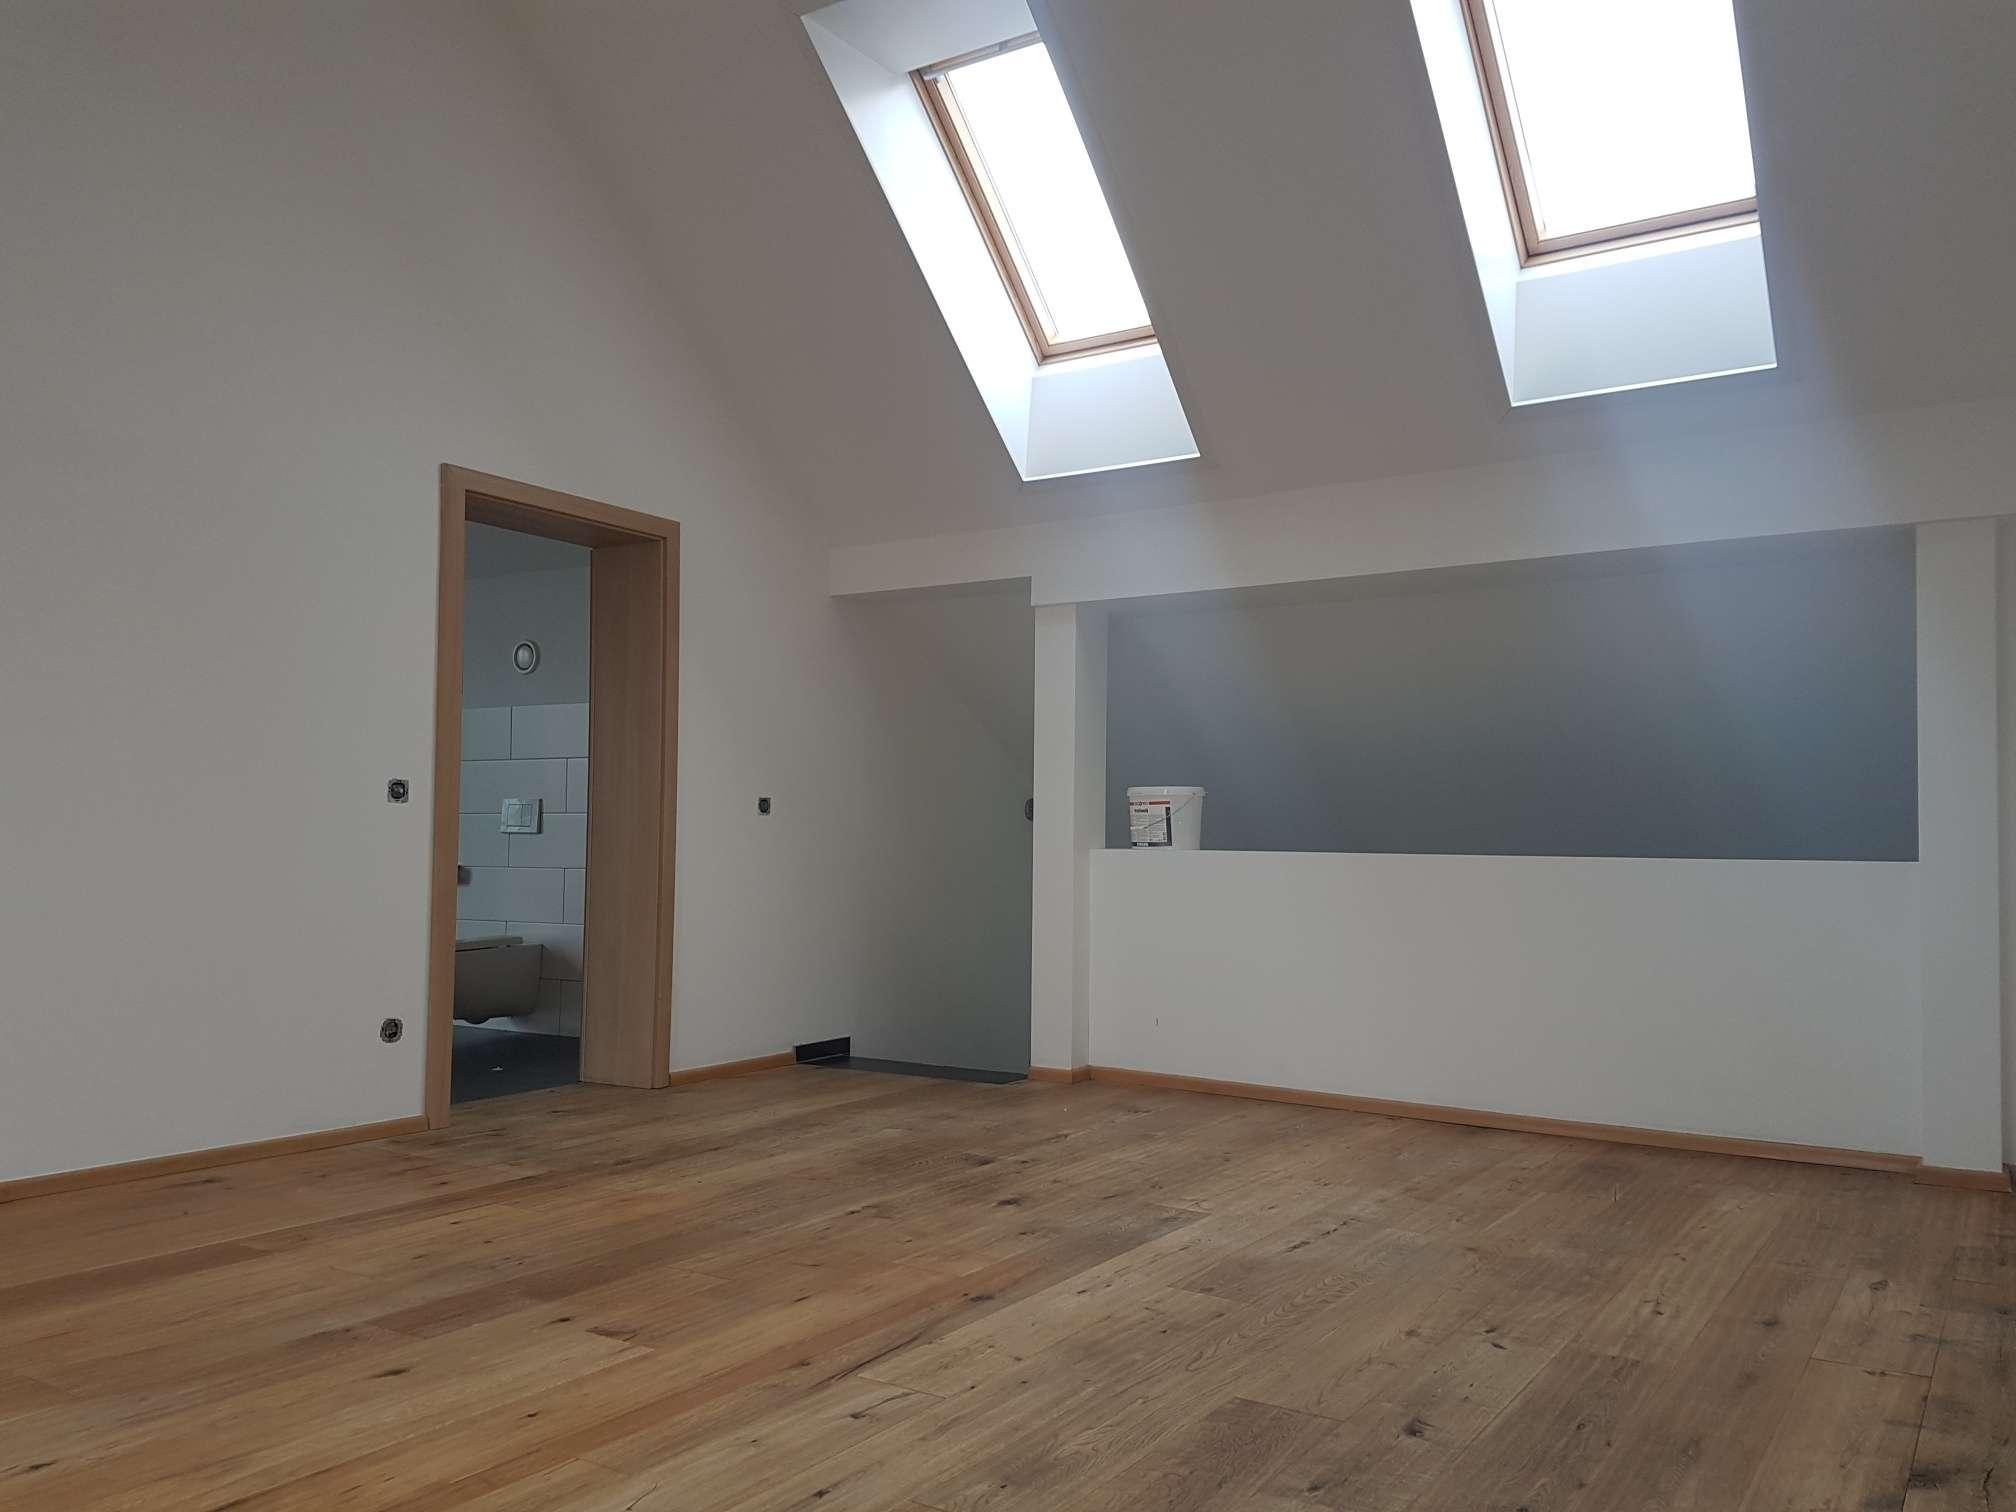 Vollständig renovierte 4-Zimmer-Wohnung mit Balkon und Einbauküche in Saal (Donau) in Saal an der Donau